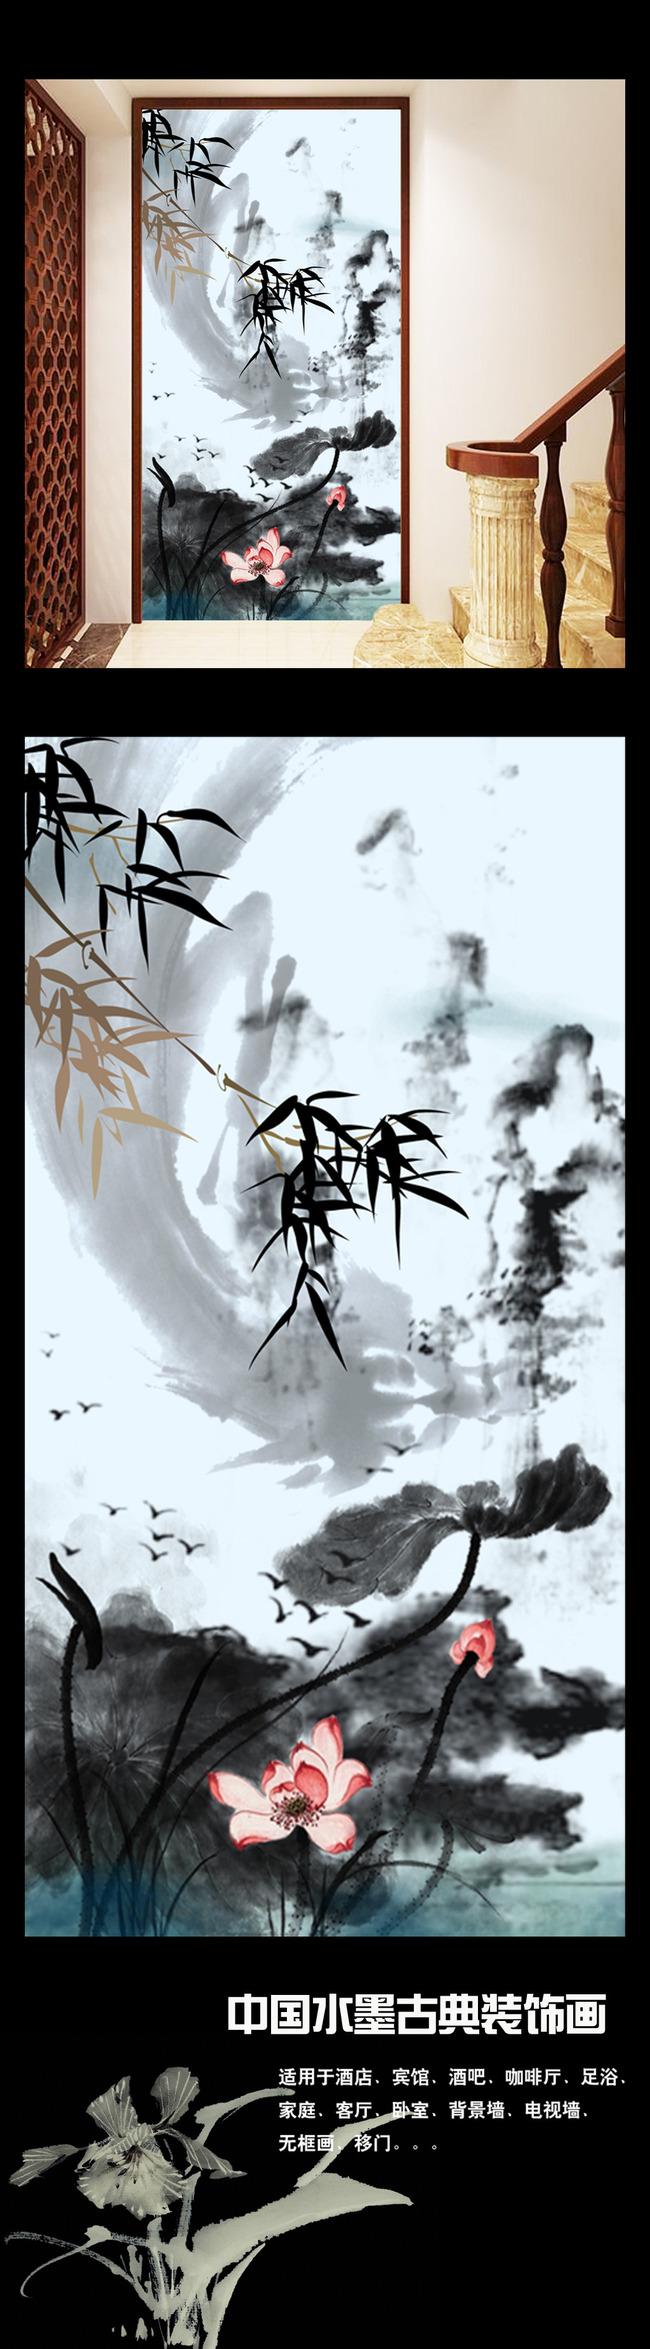 中式古典风格荷花竹子水墨画玄关背景墙图片